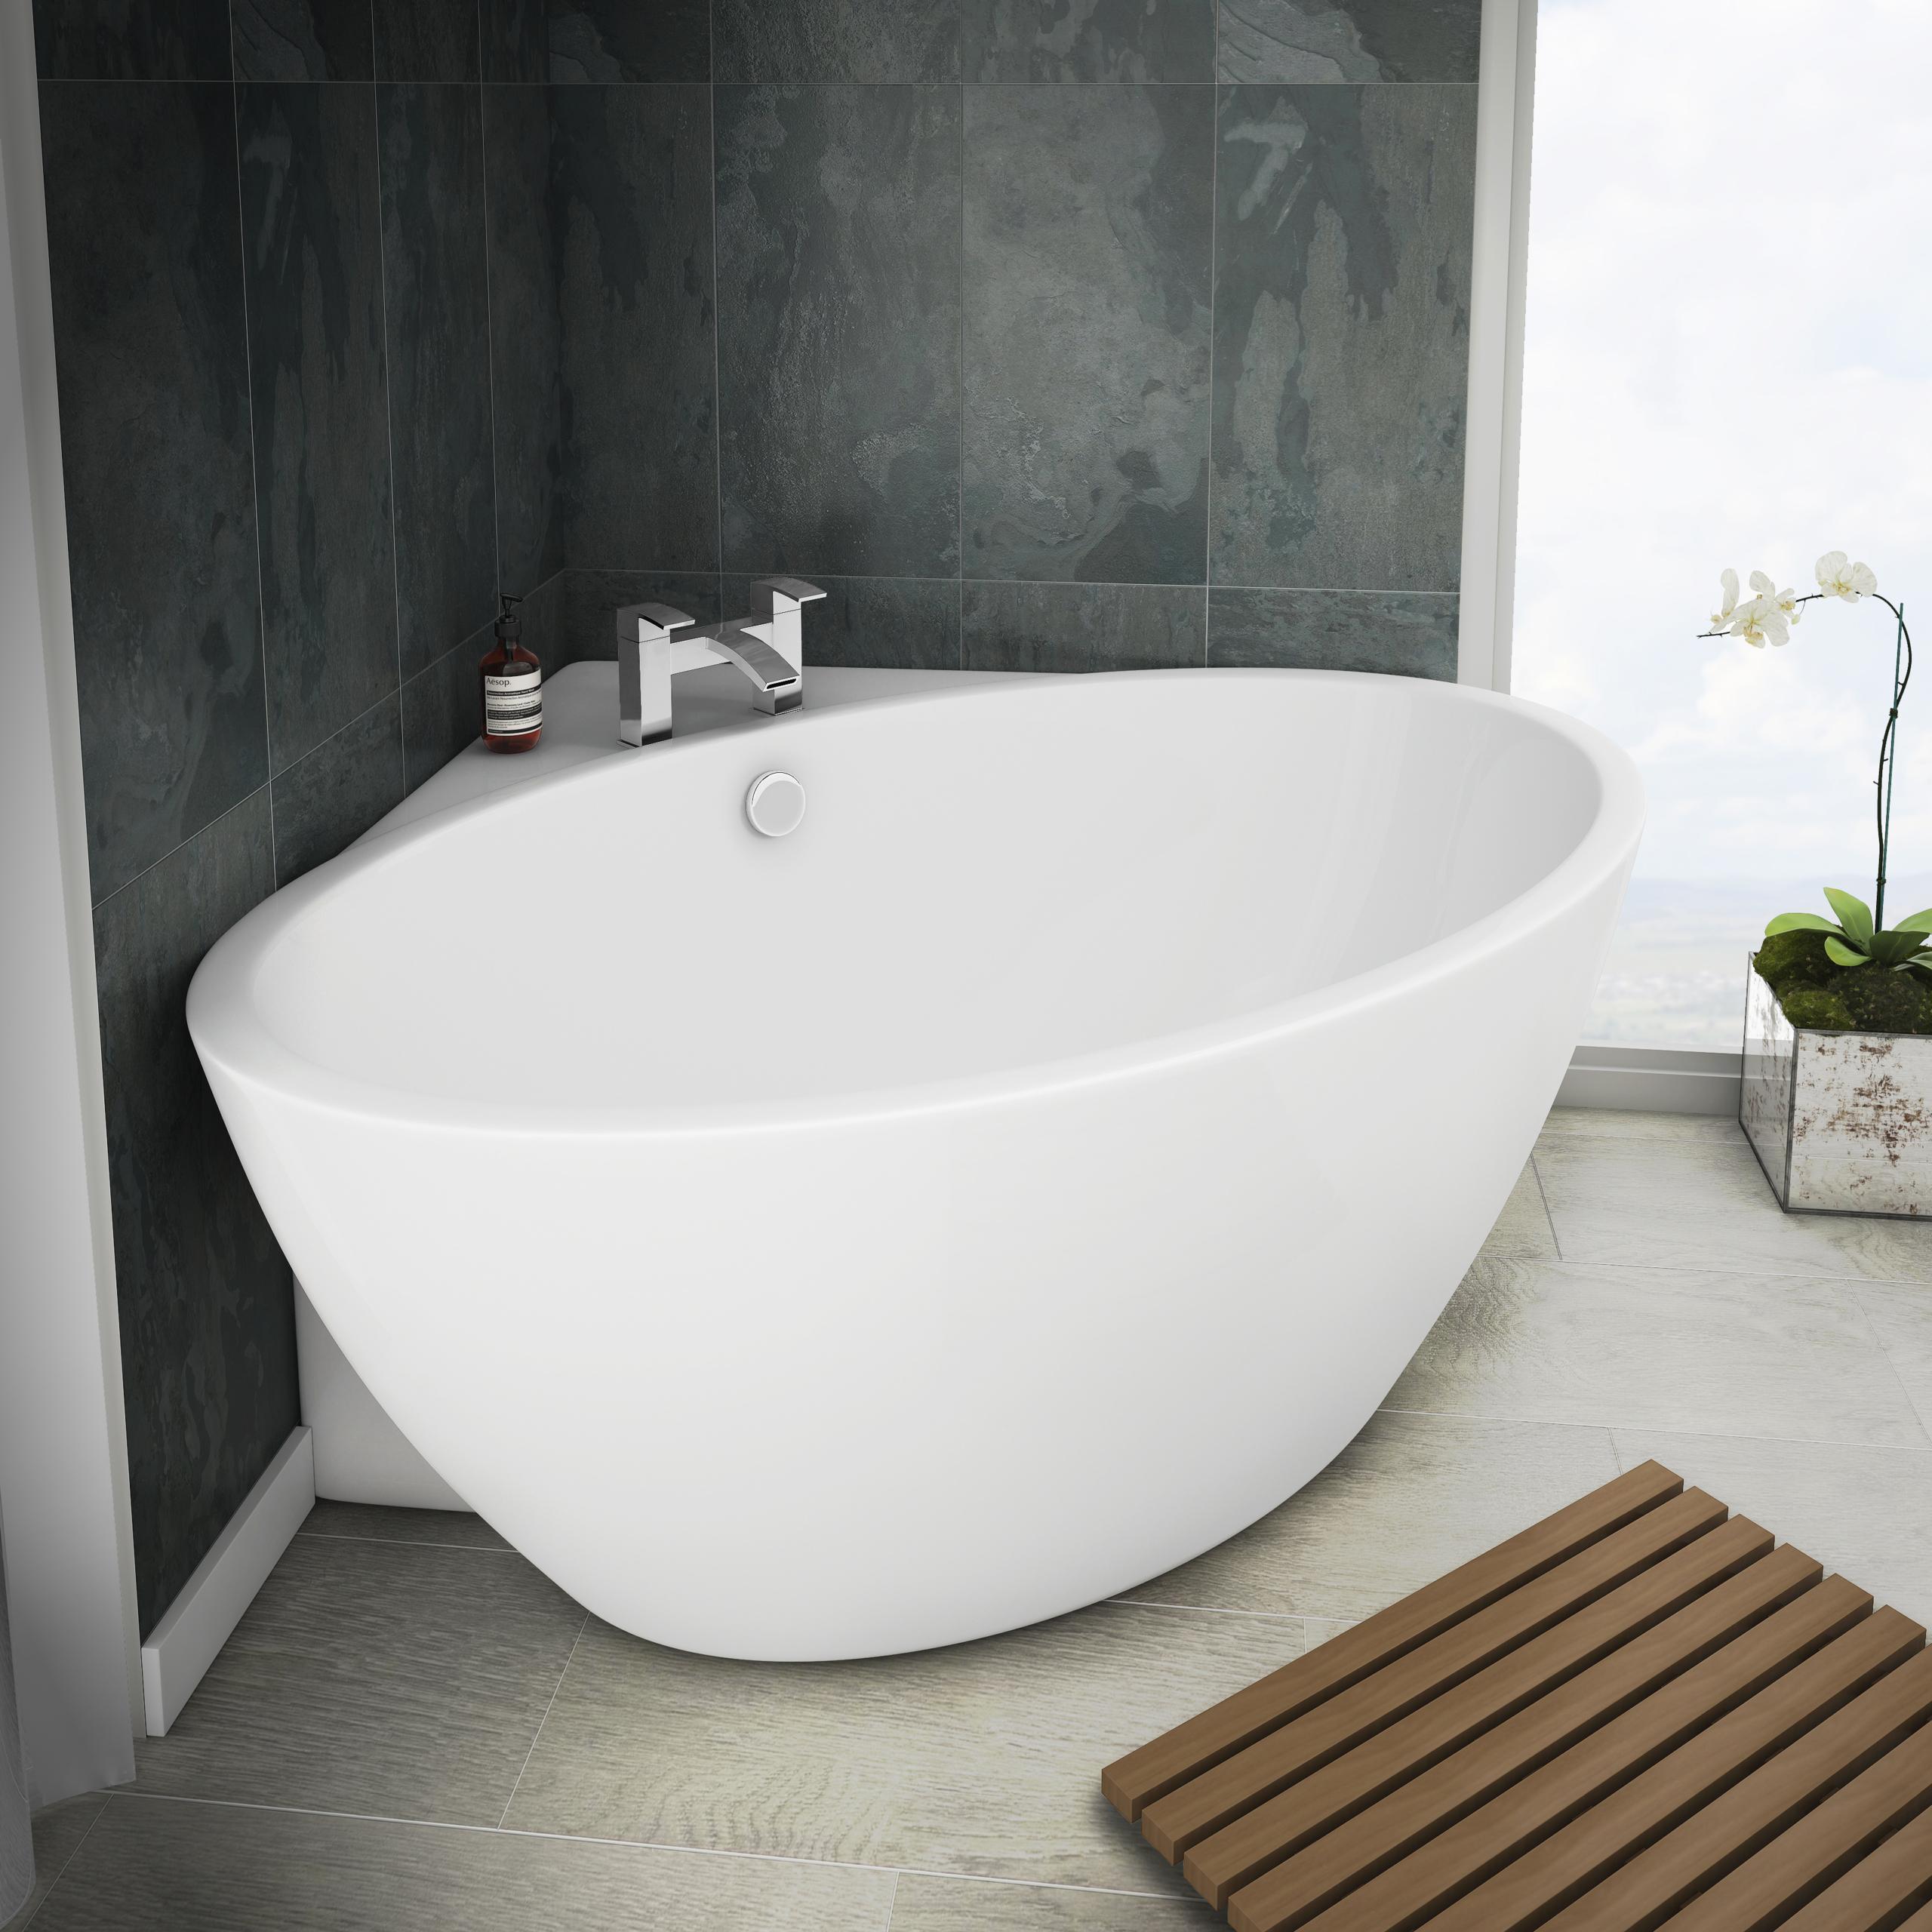 Orbit Corner Modern Free Standing Bath | Victorian .